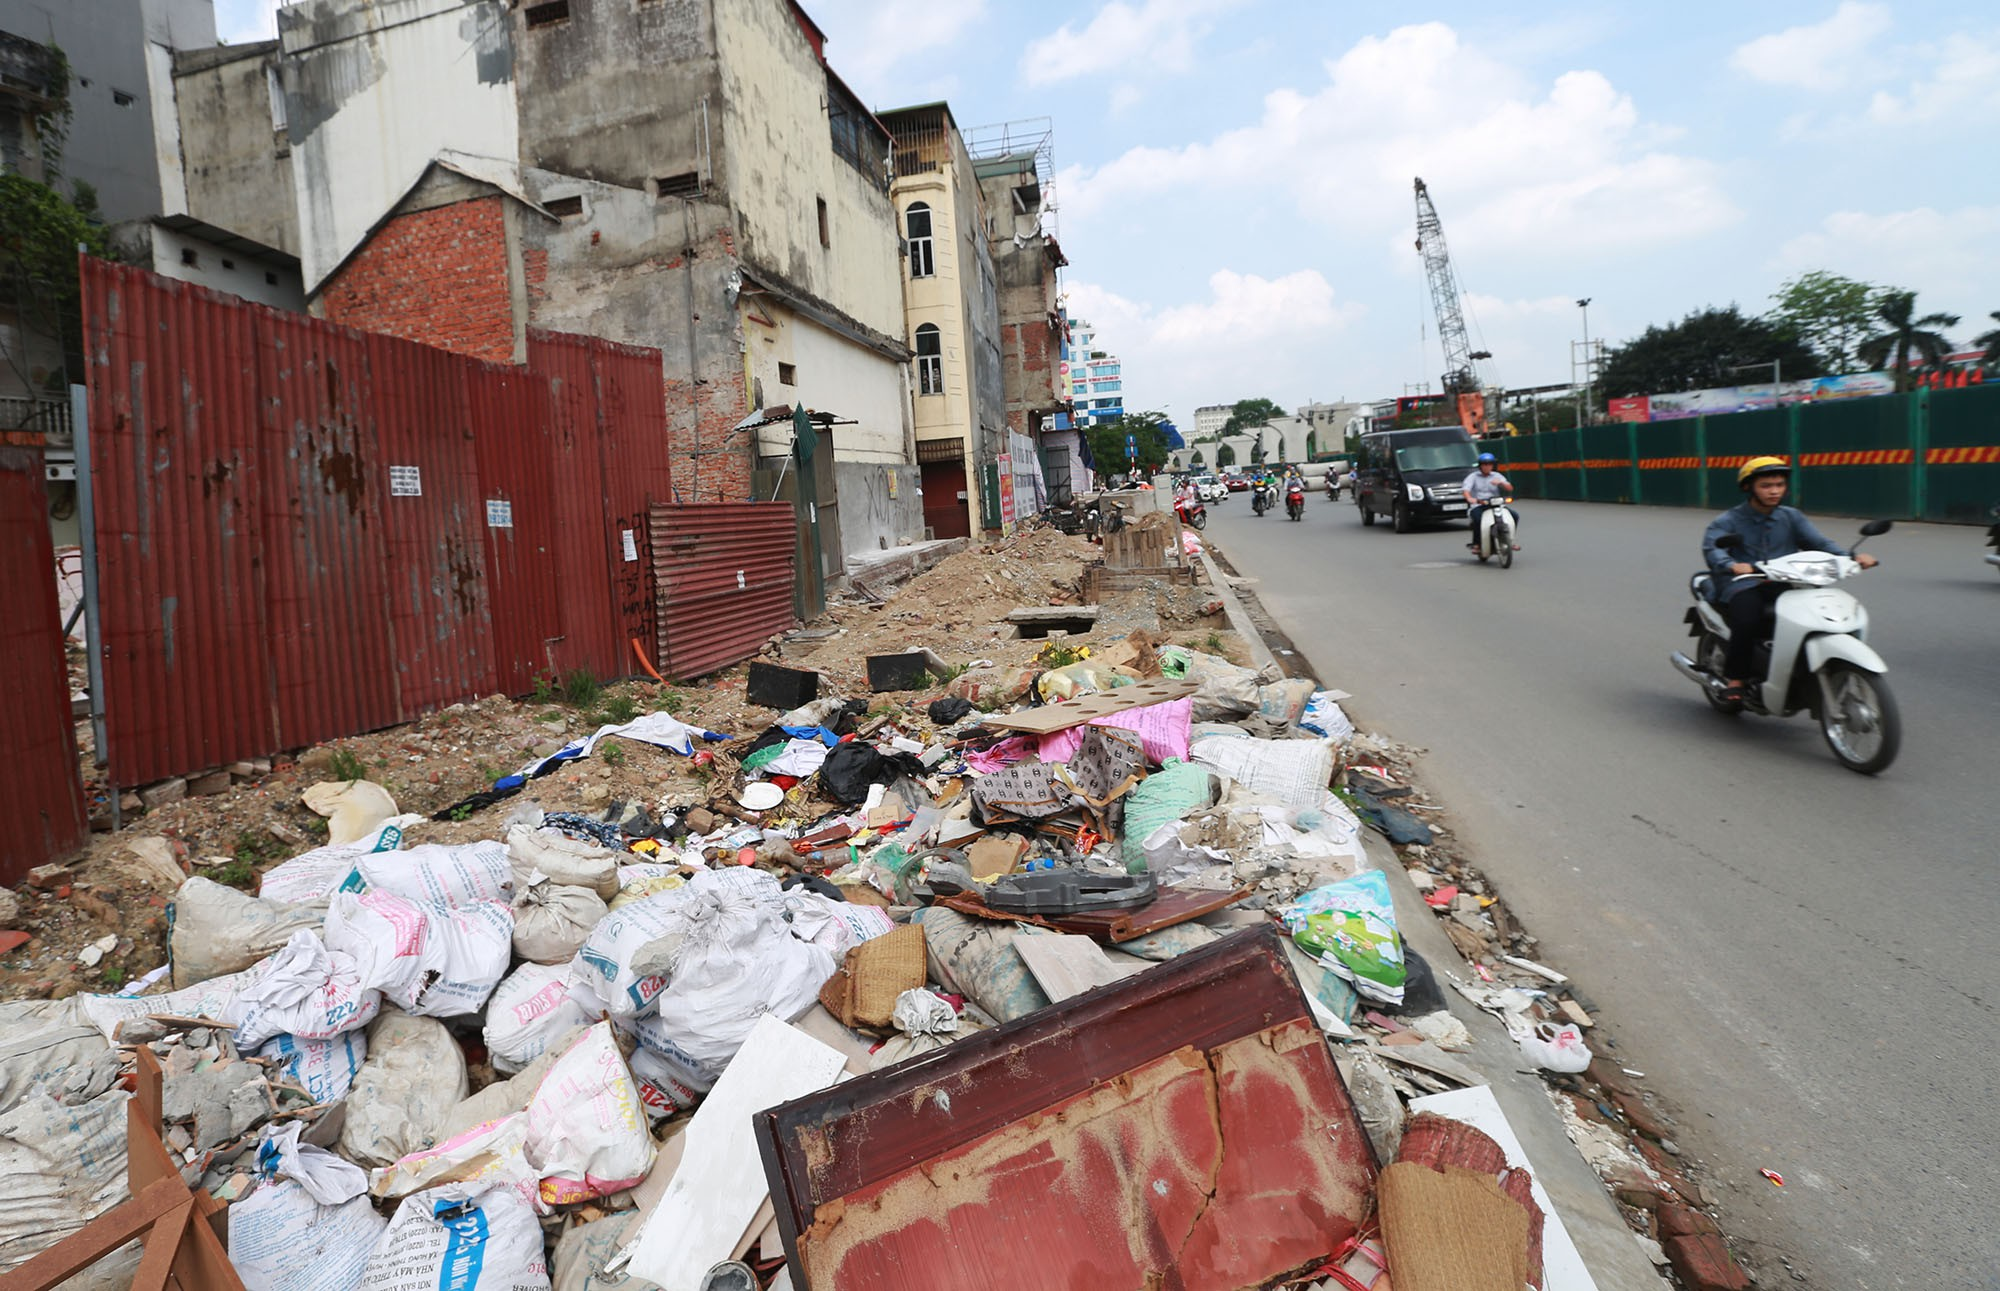 Hà Nội: Rác thải vứt bừa bãi dưới chân công trường đường vành đai 2 - Ảnh 2.